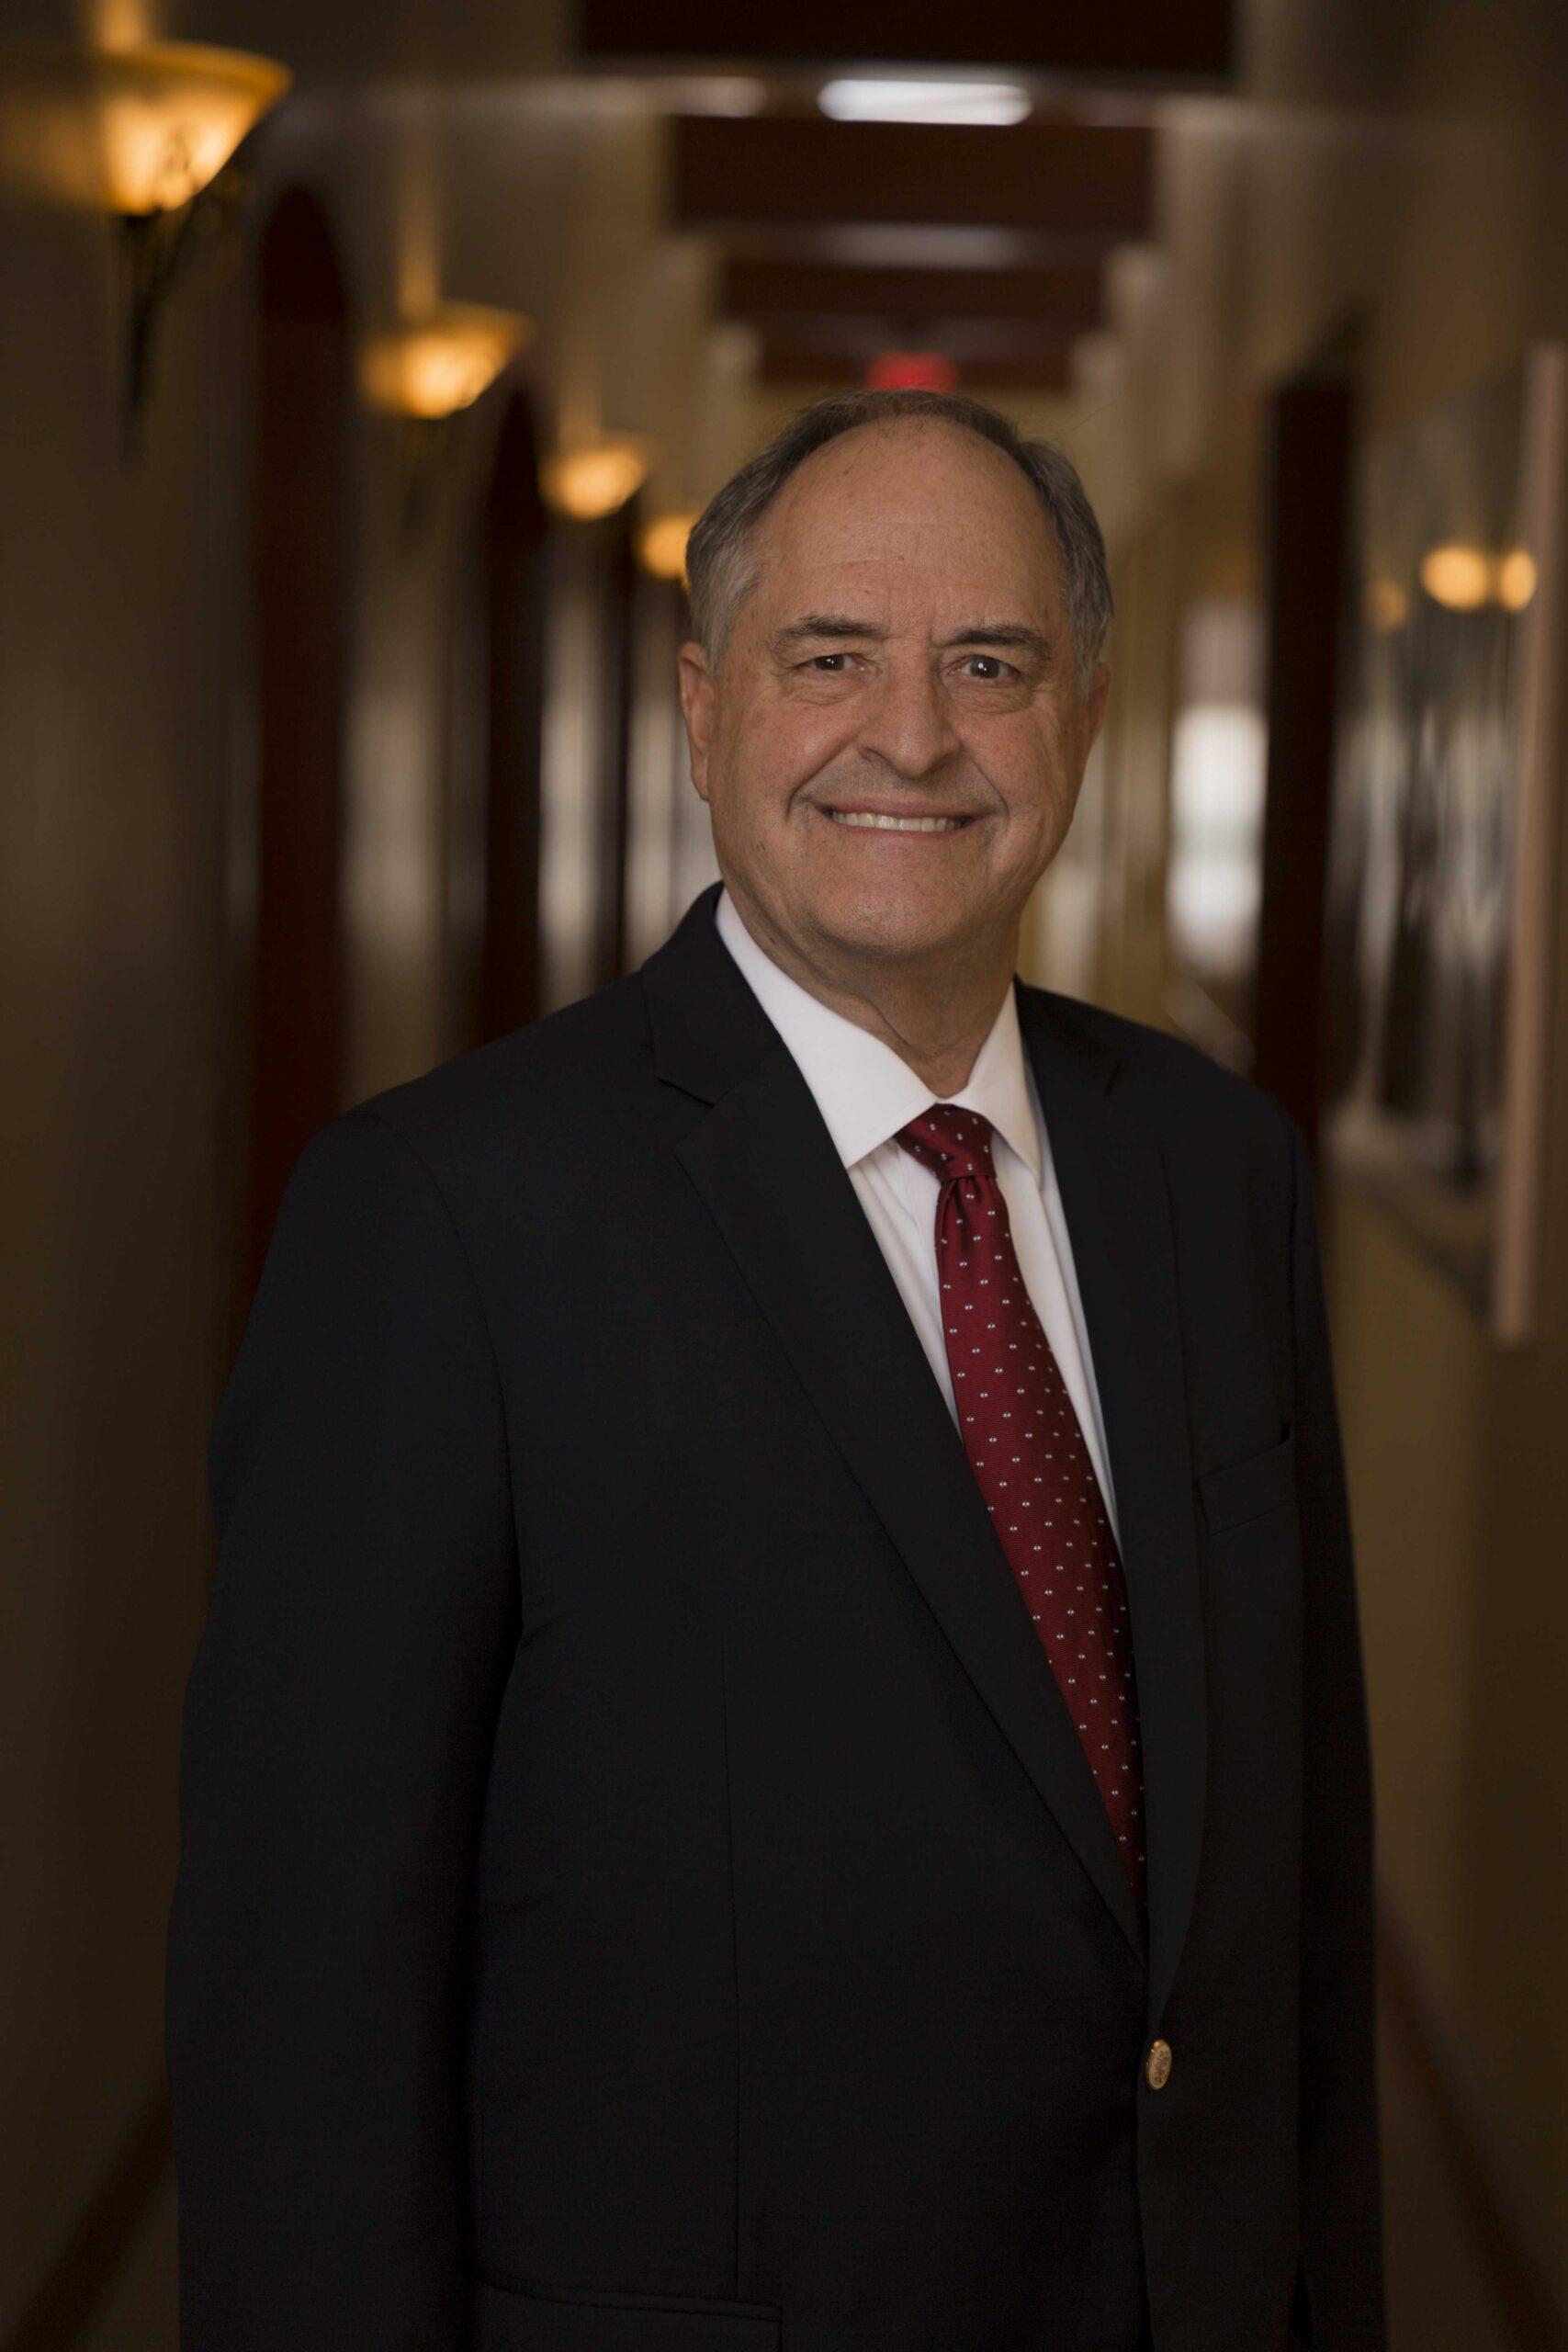 Dr Michael D. Vaclav